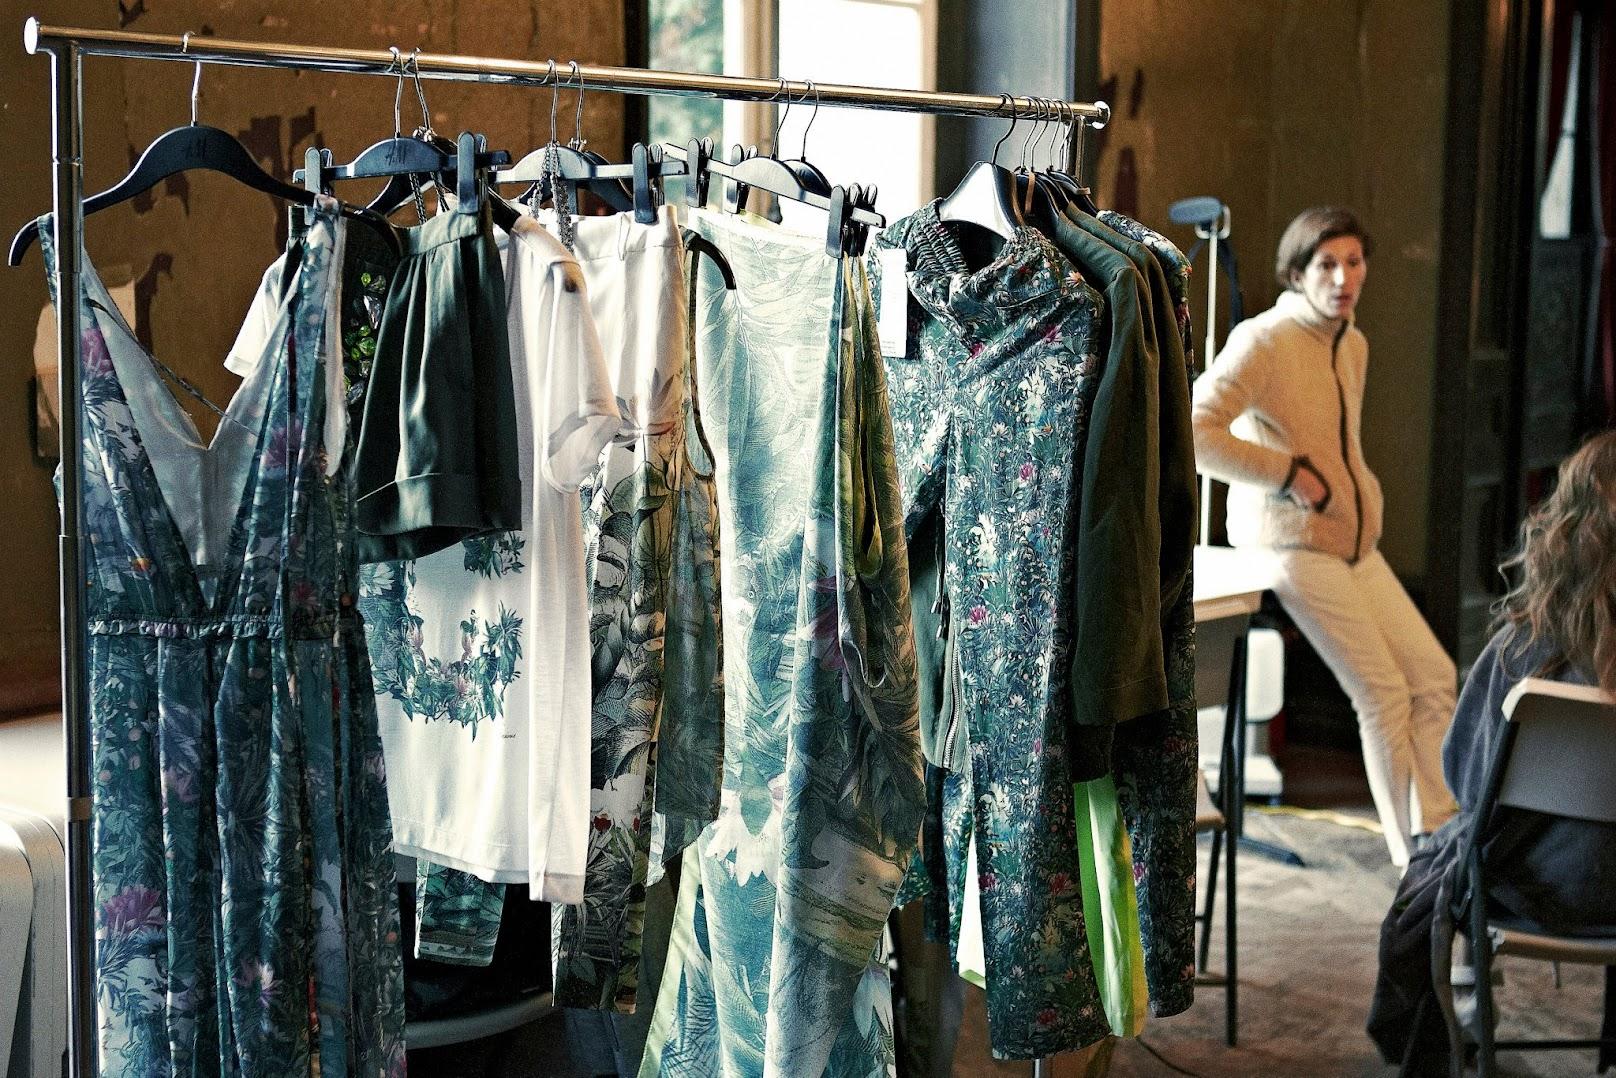 *H&M 新一季Conscious collection:牙縫美人Vanessa Paradis擔綱形象拍攝! 3